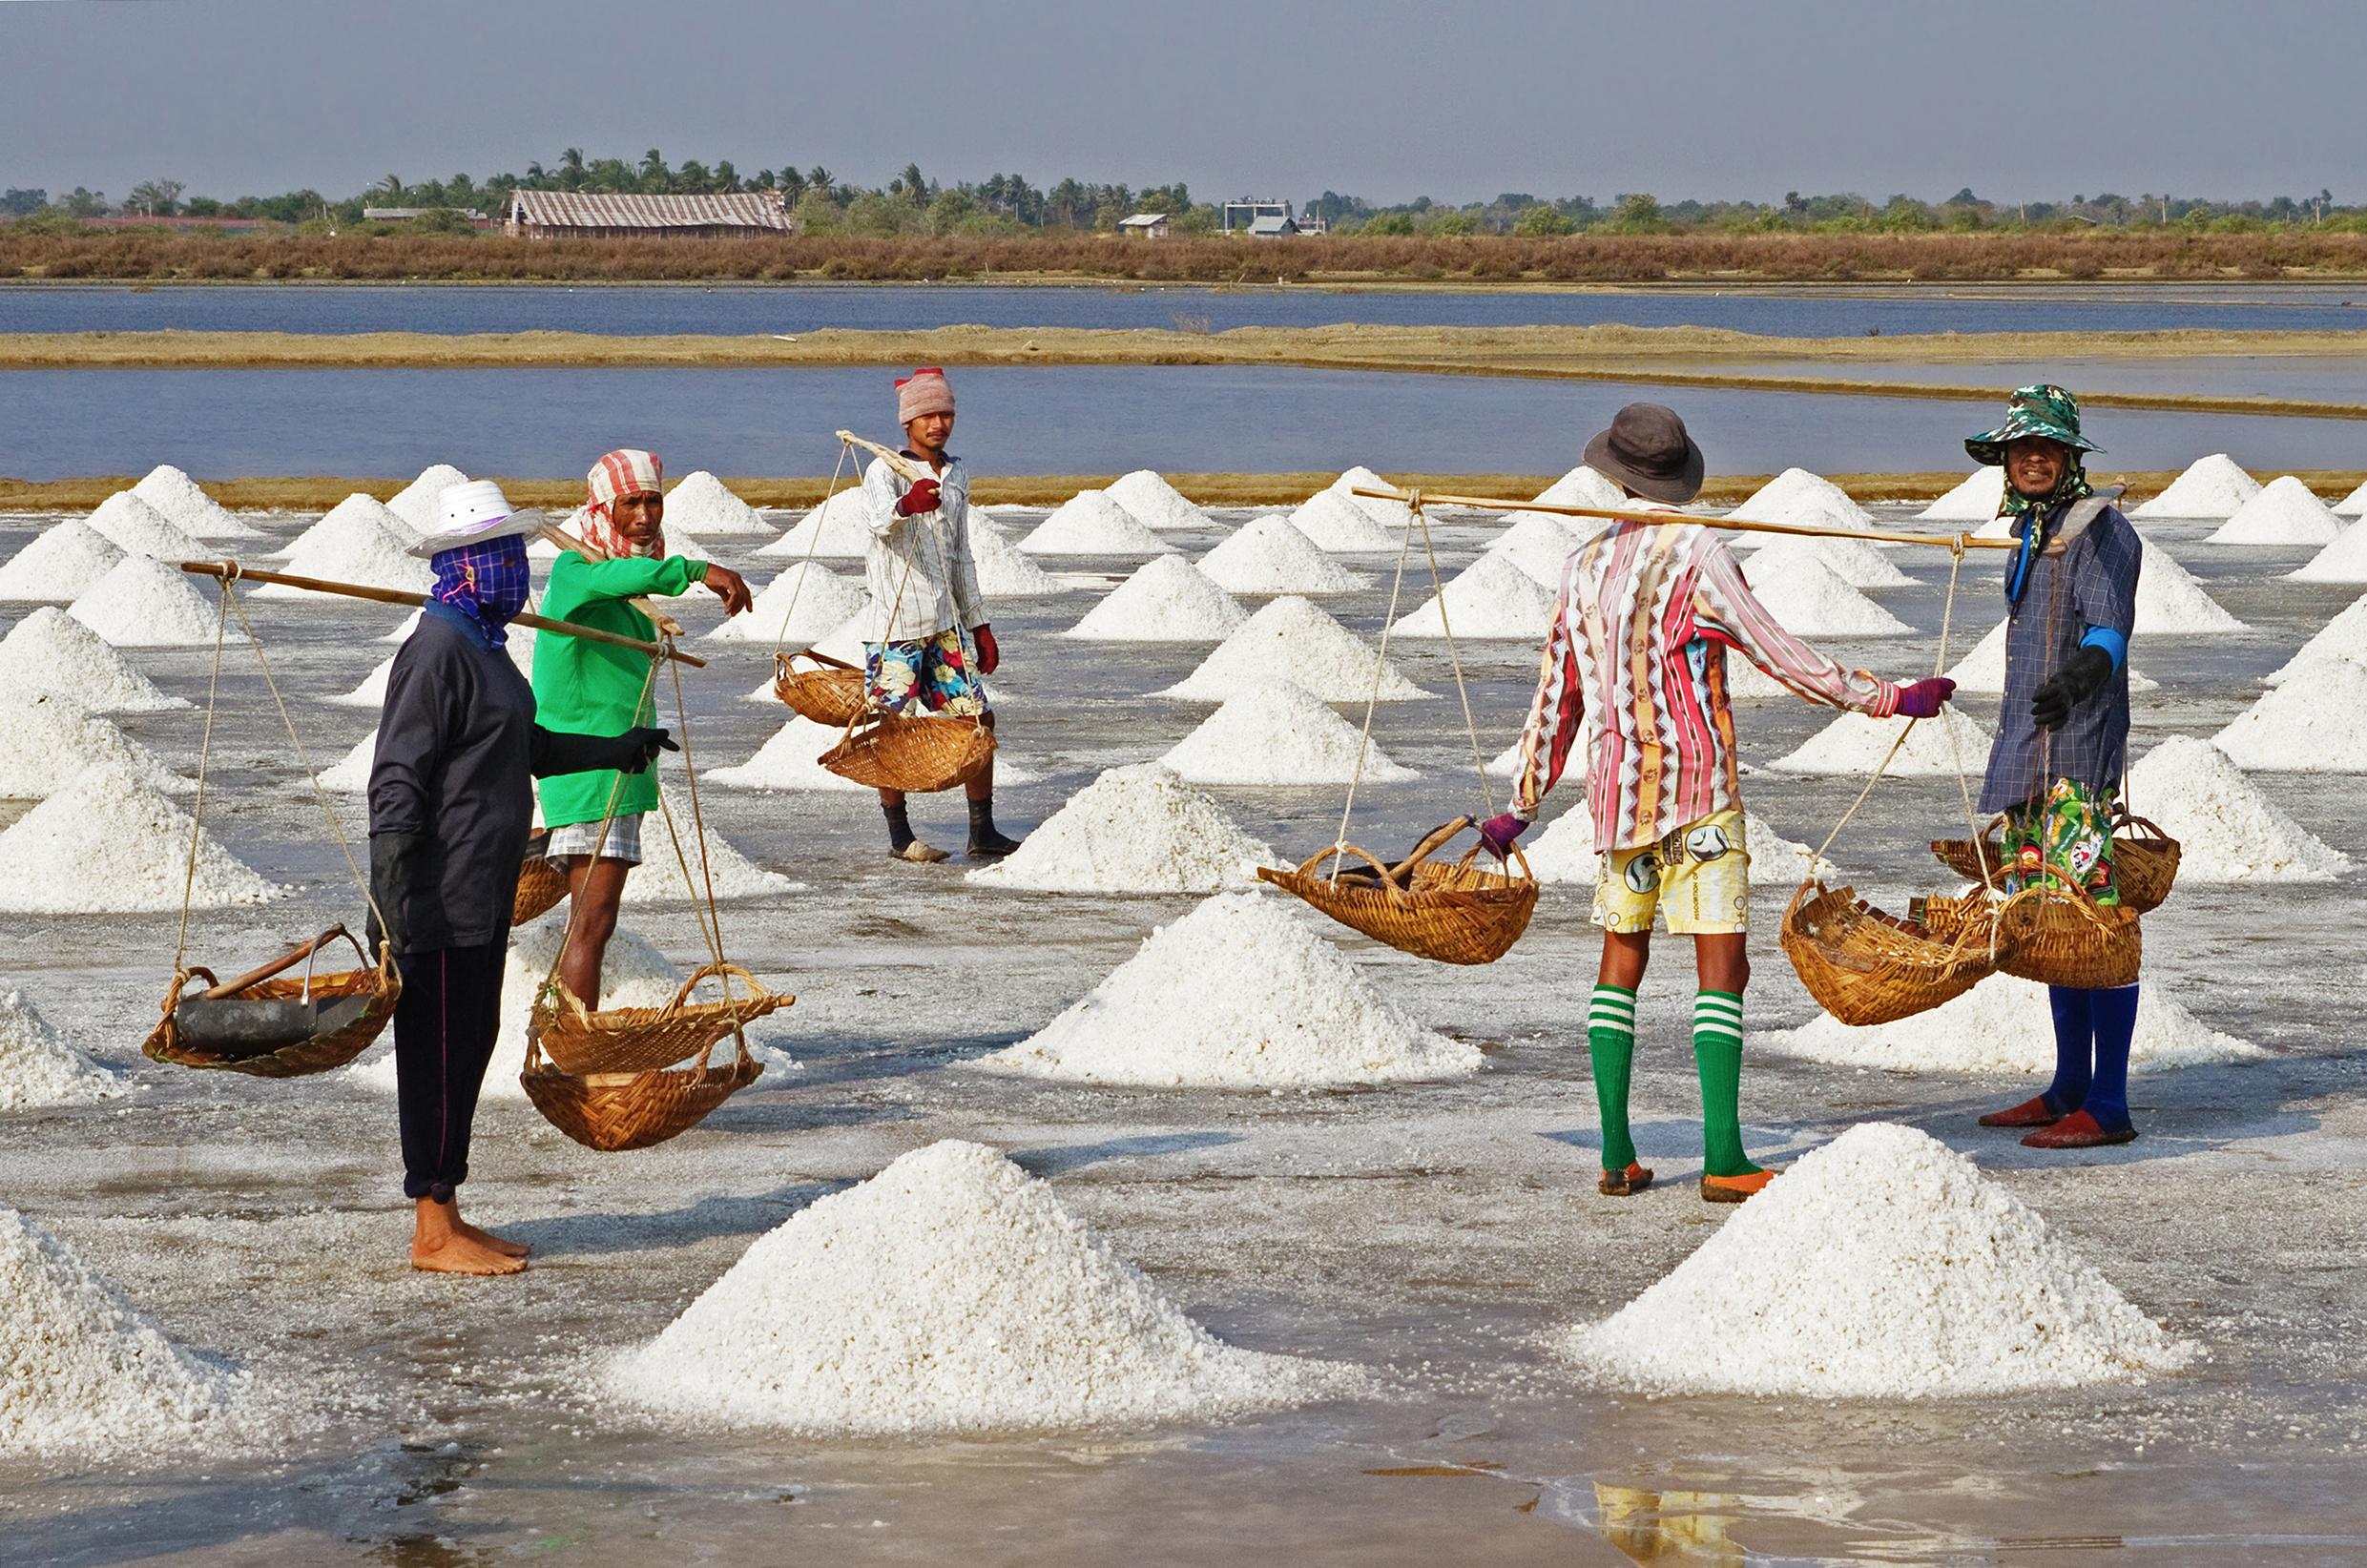 Θαλασσινό αλάτι επεξεργασία: Είναι το θαλασσινό αλάτι πιο θρεπτικό από το κοινό επιτραπέζιο; [vid]